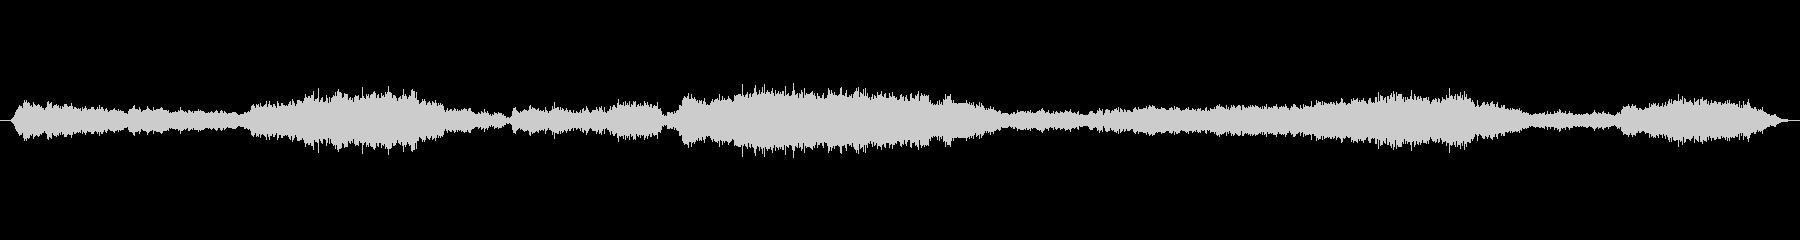 メタル 蓋のスクリーチロング01の未再生の波形